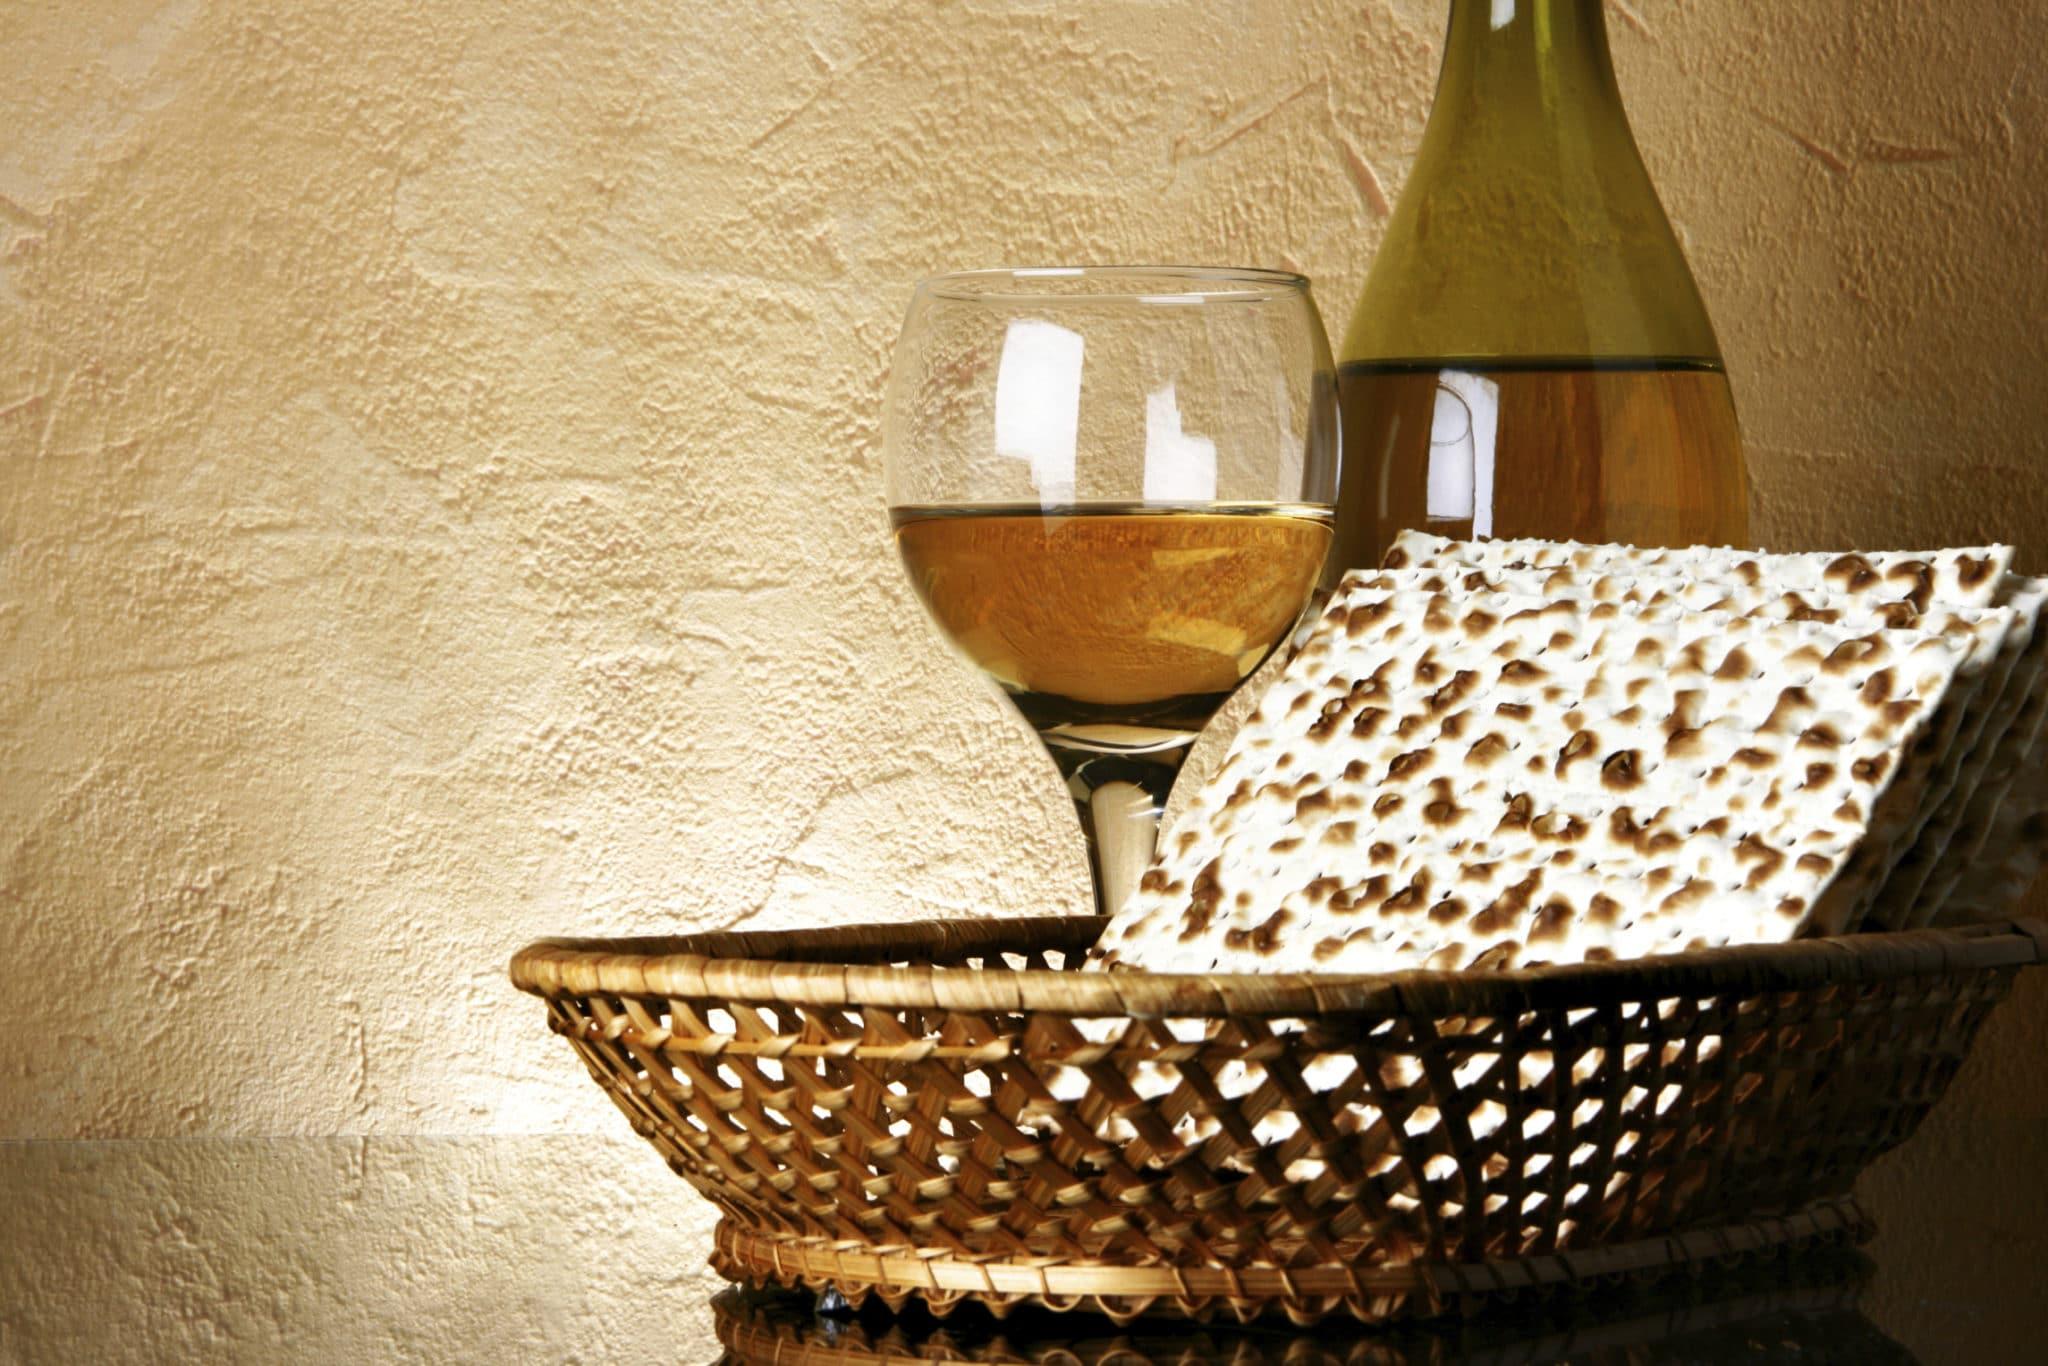 wine and matzoh